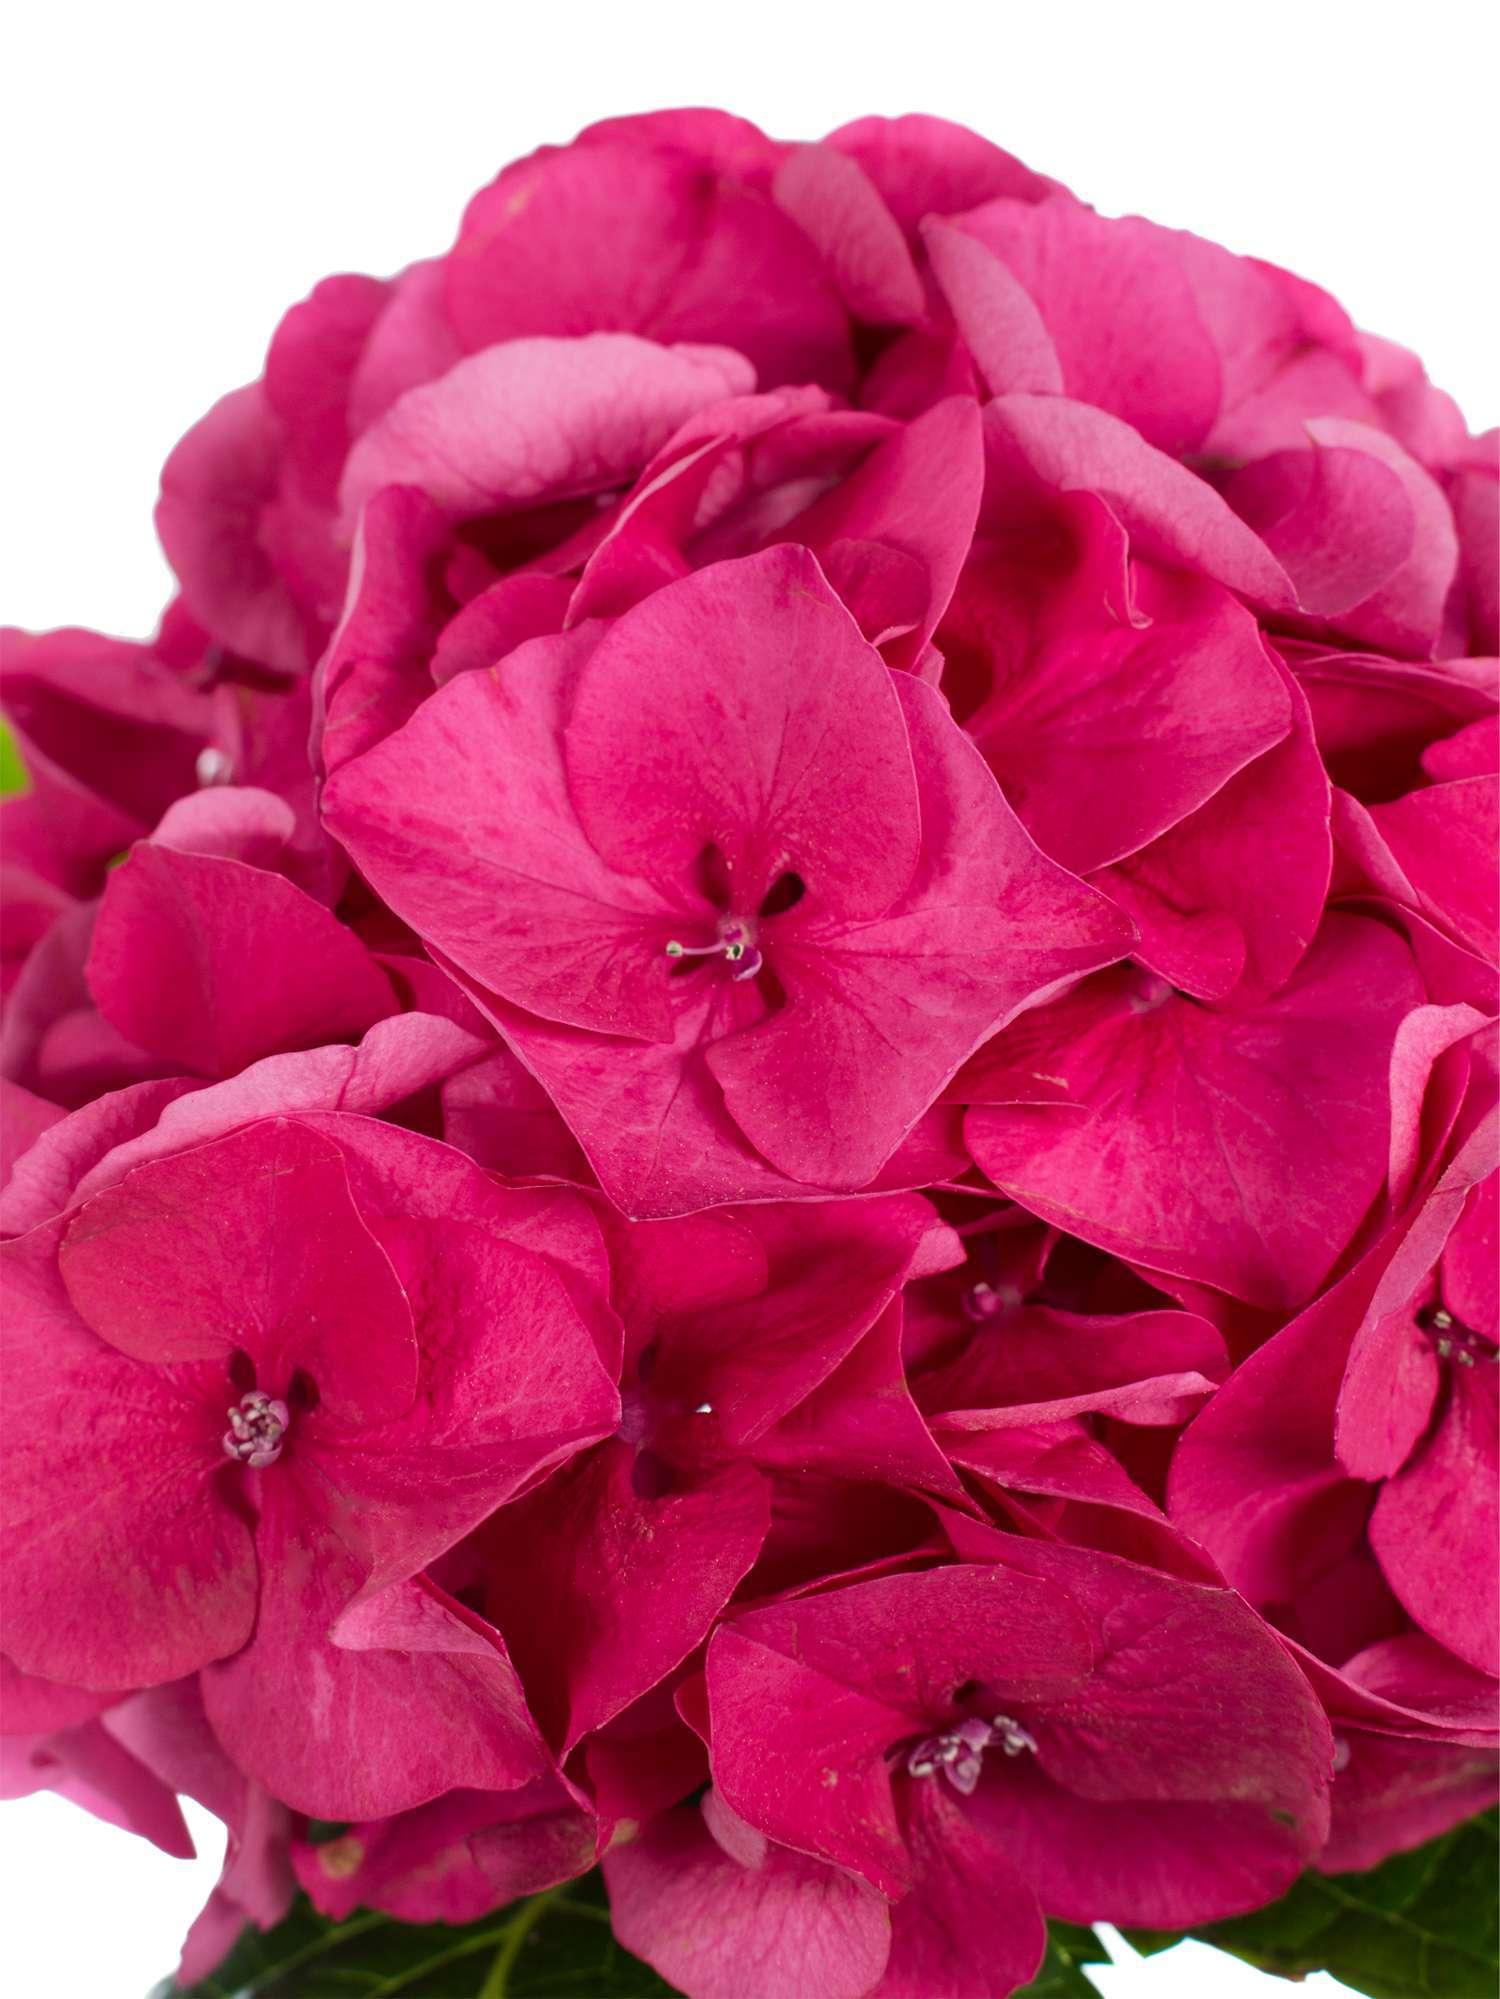 hortensie magical sibilla rot pink bestellen blumigo